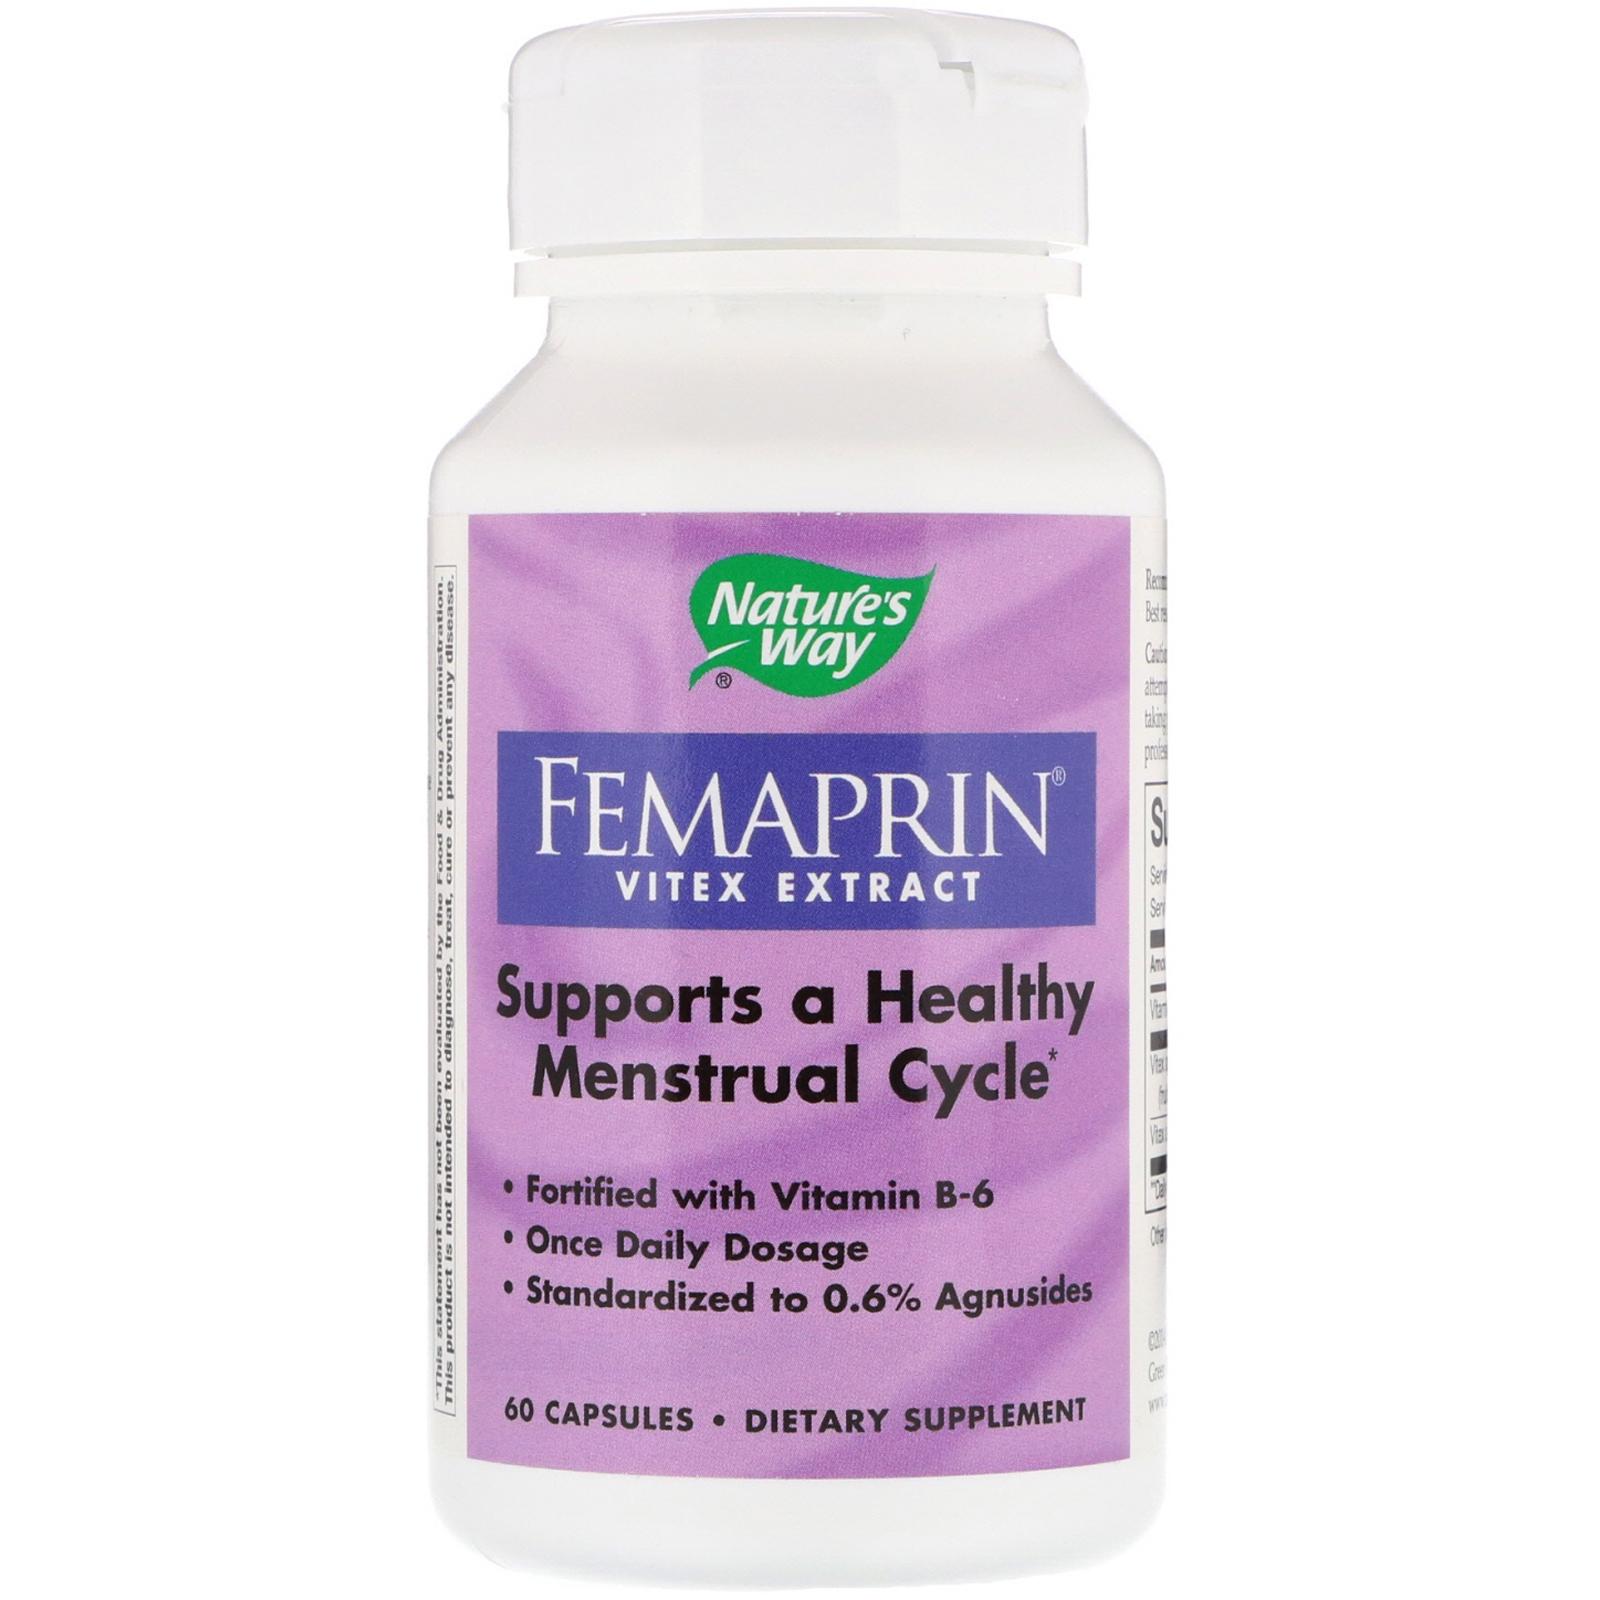 Nature's Way, Femaprin, Vitex Extract, 60 Capsules - iHerb com